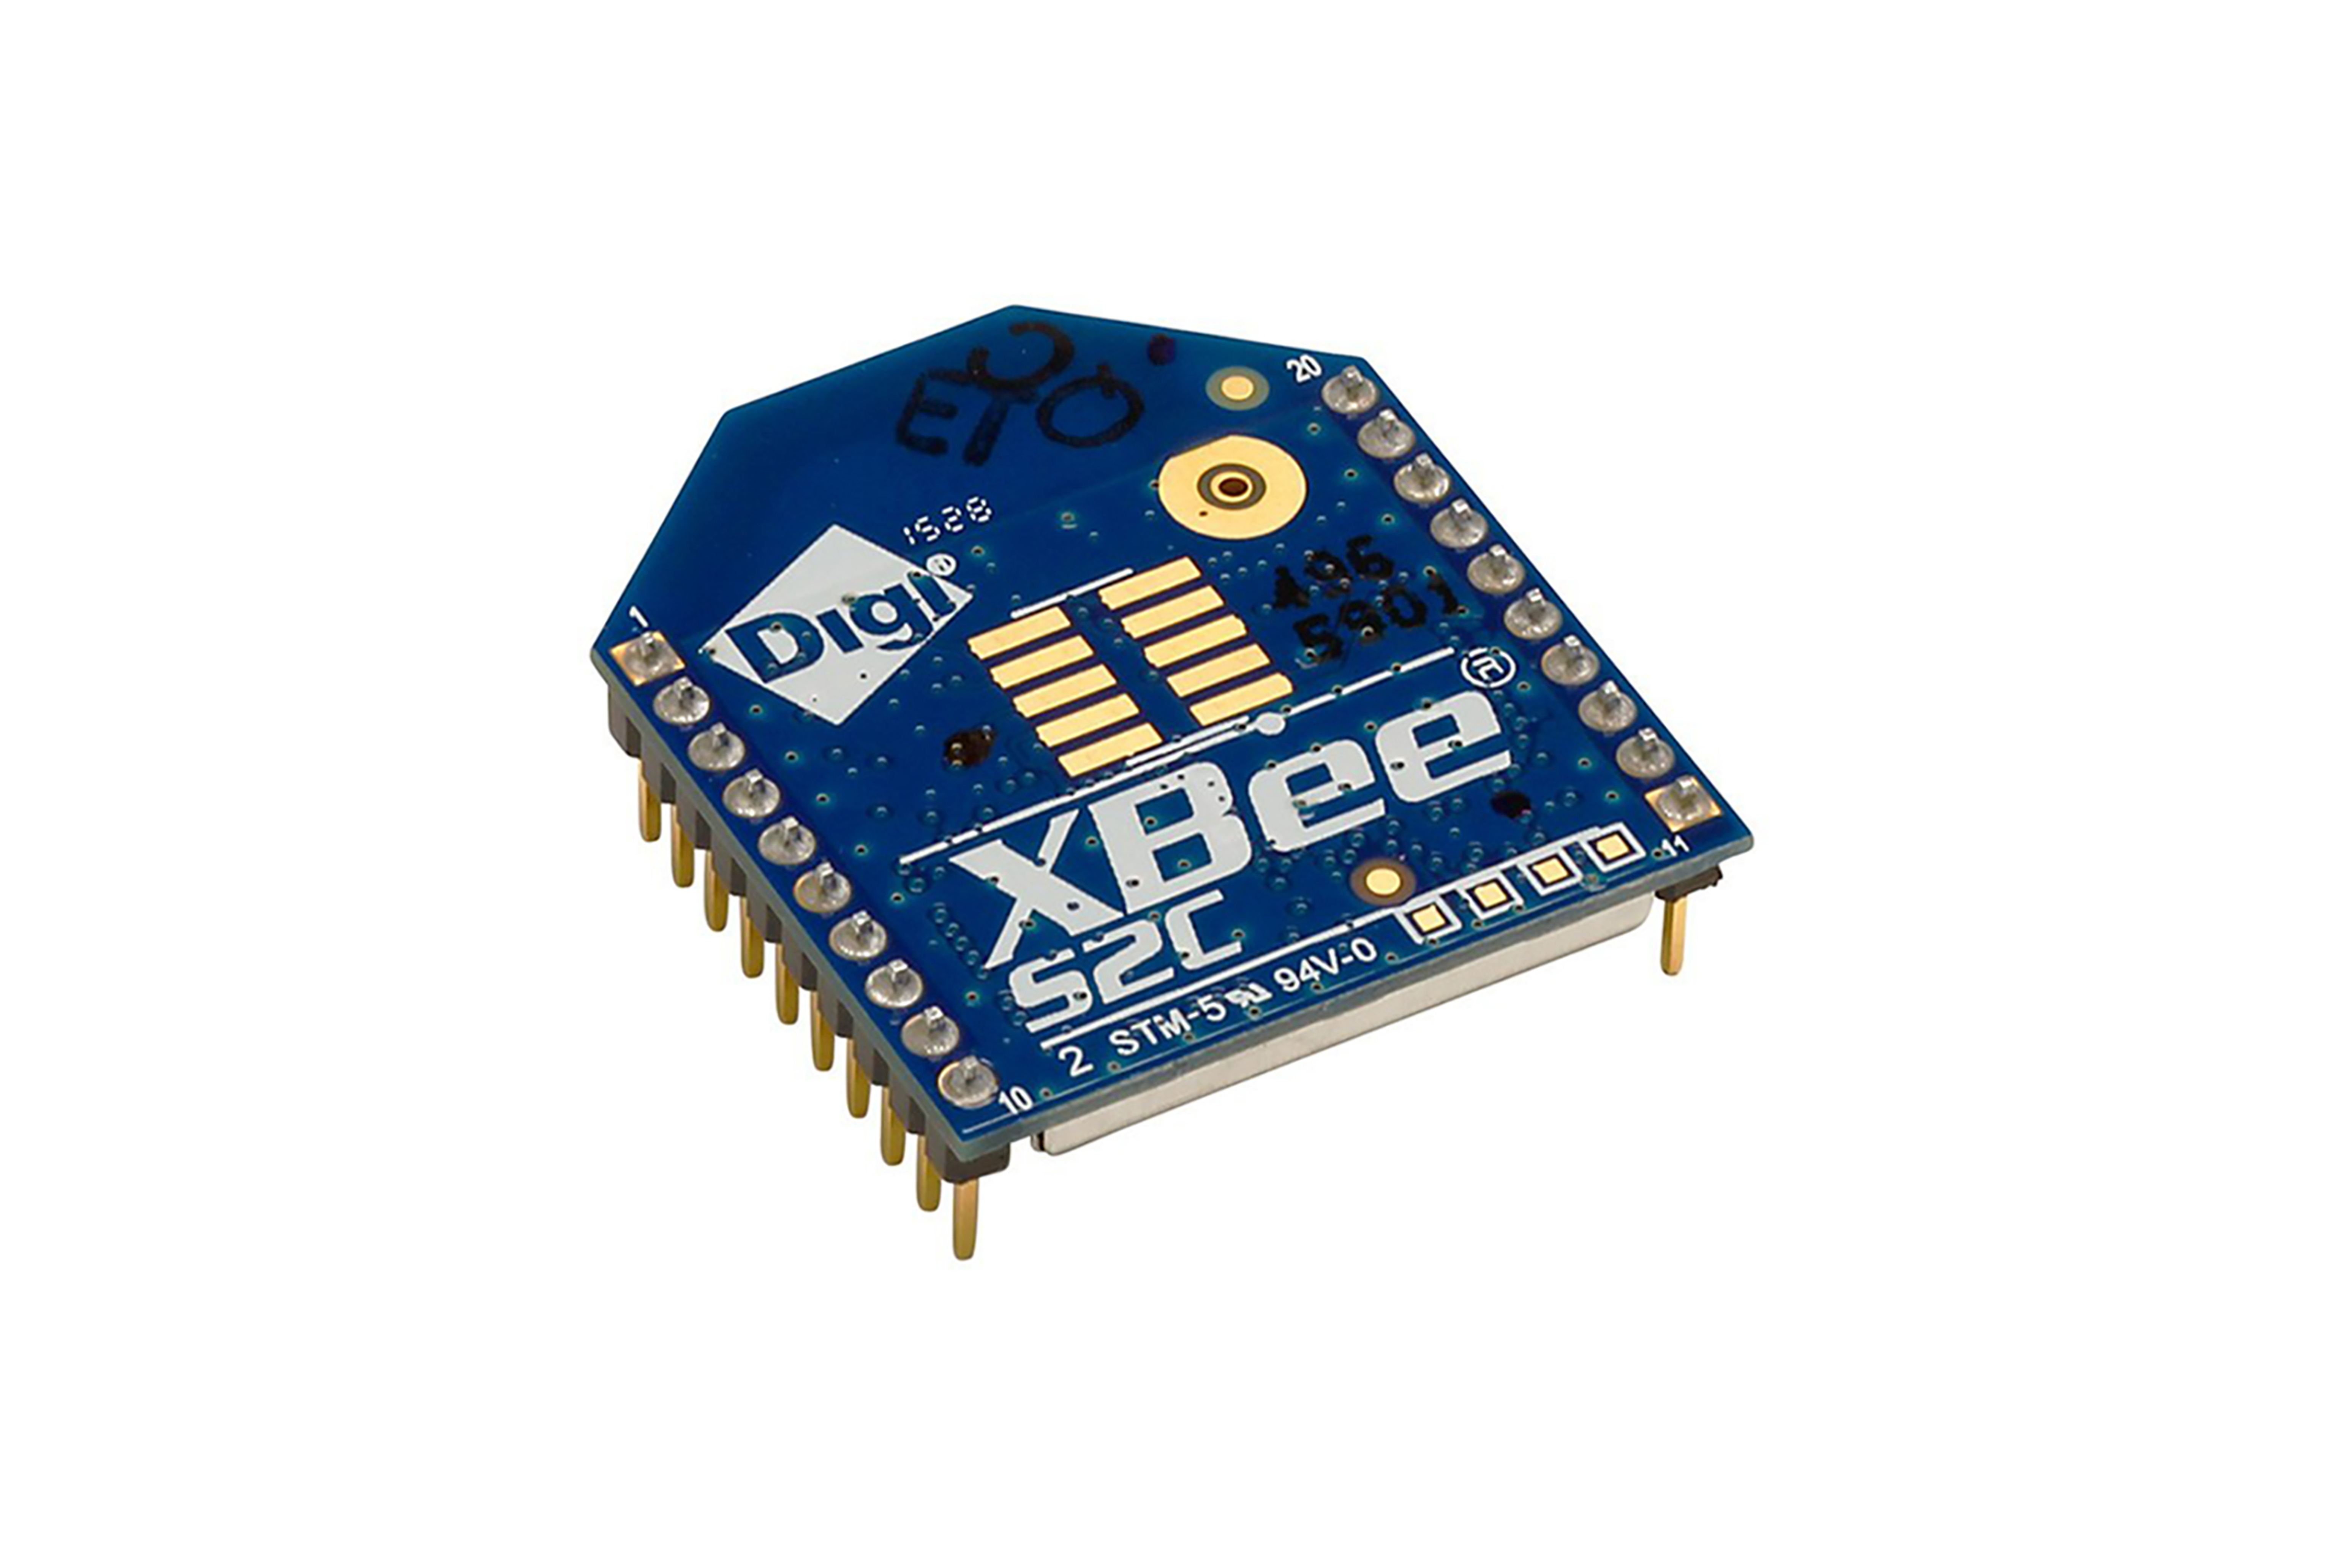 XBee Zigbee TH RF Module PCB Antenna